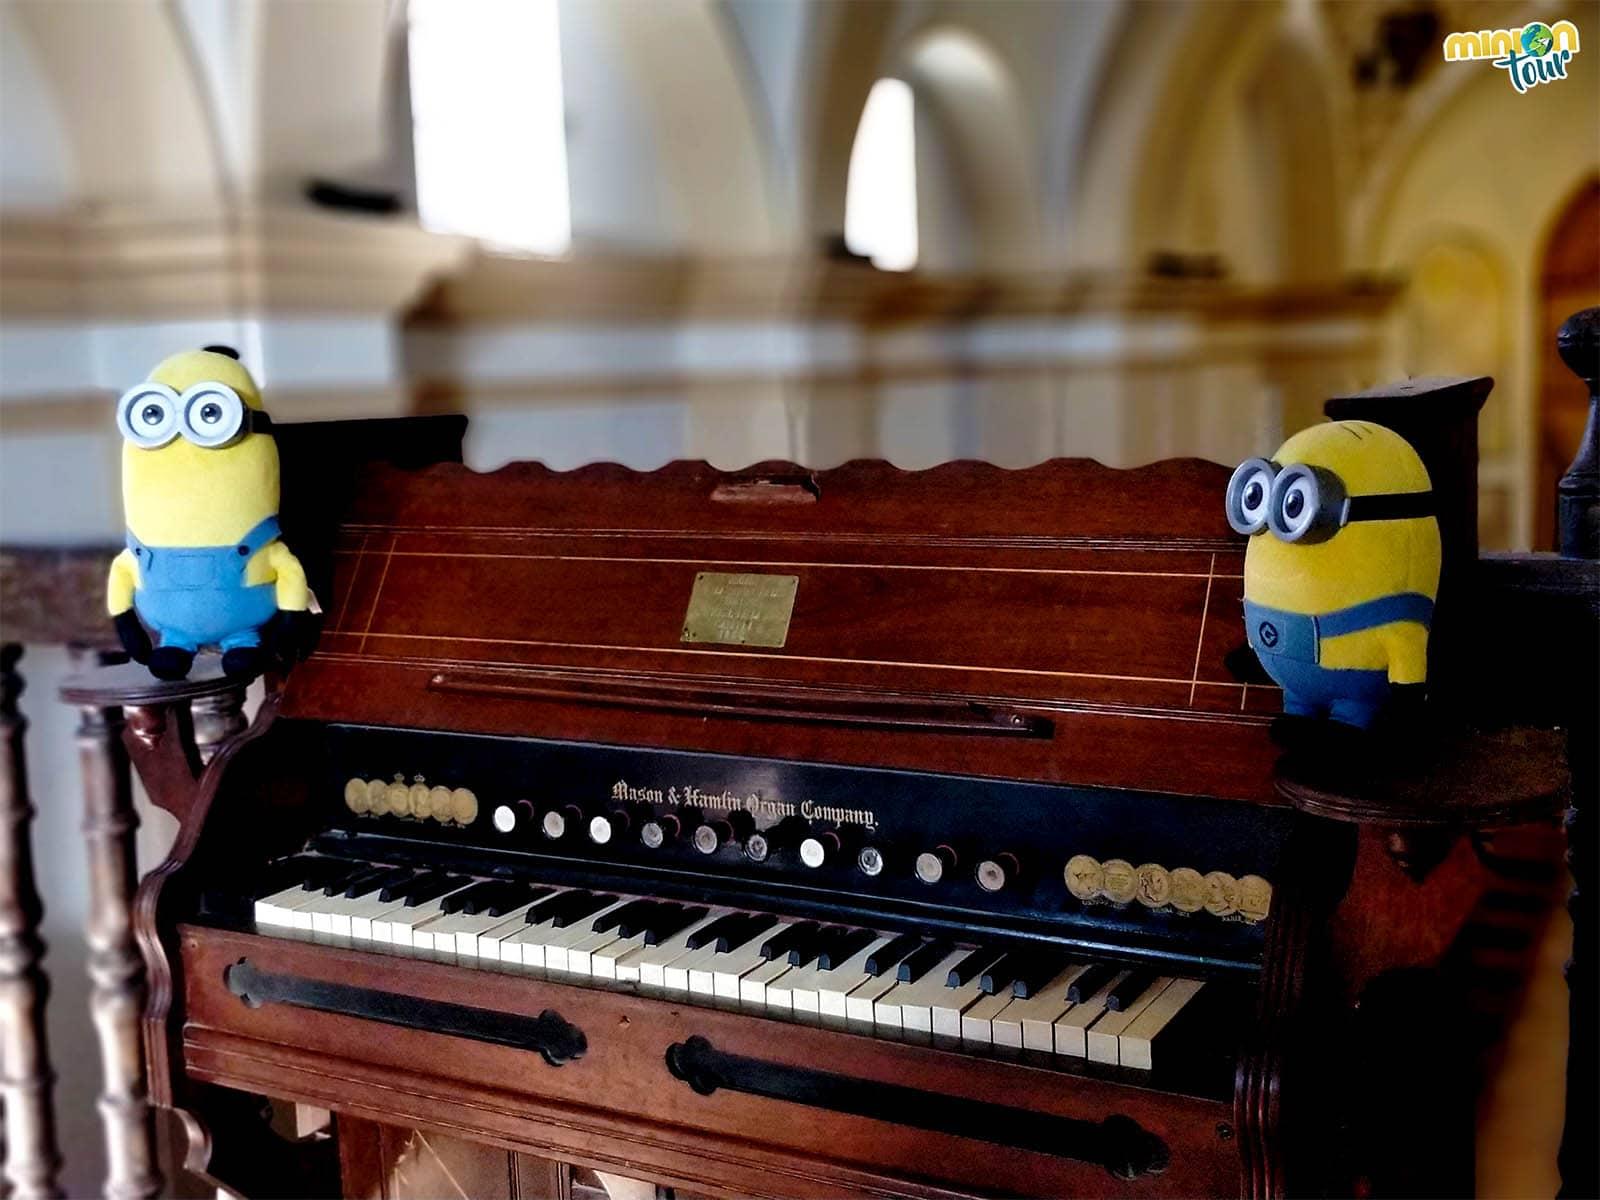 Un instrumento musical